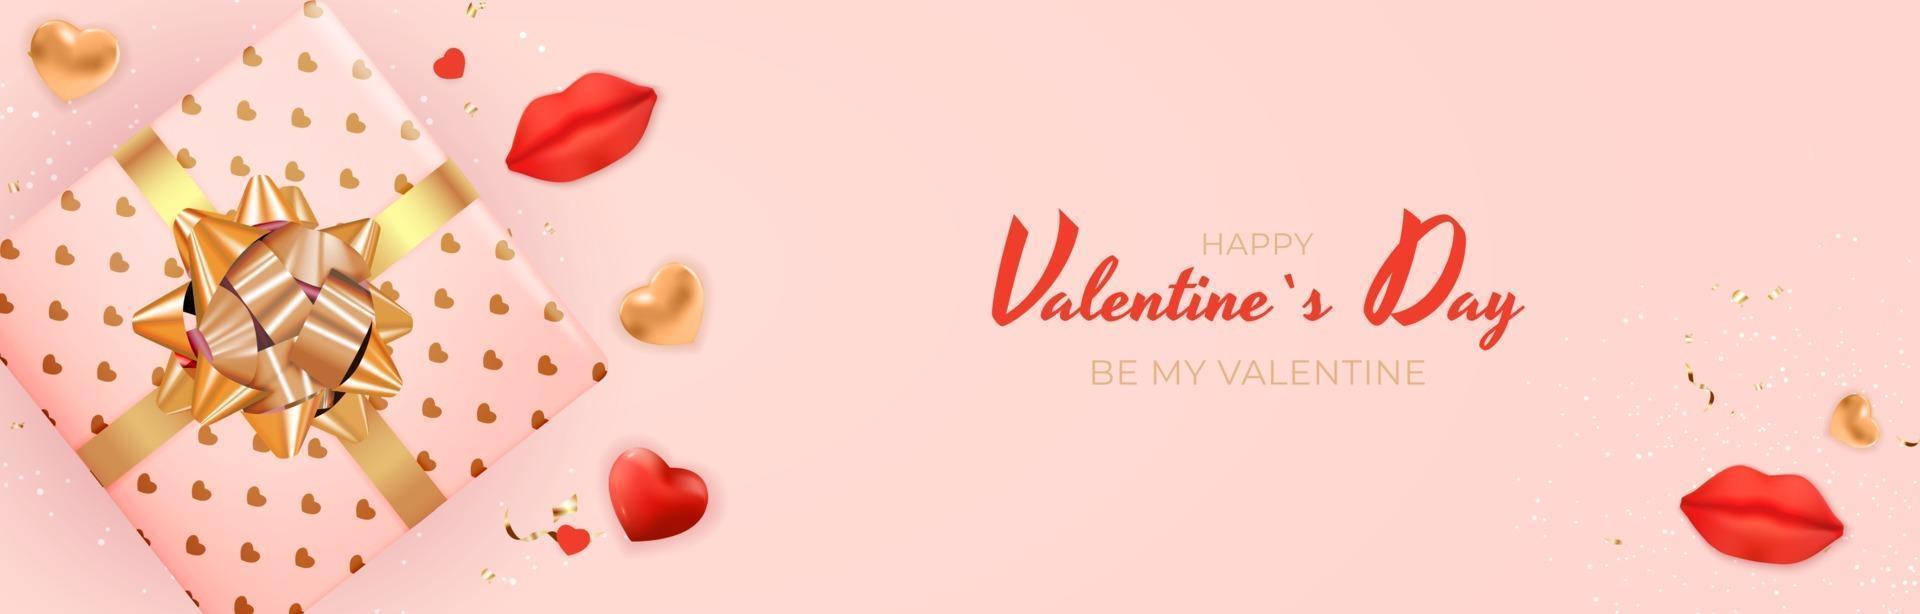 design di banner di San Valentino con testo su sfondo rosa vettore